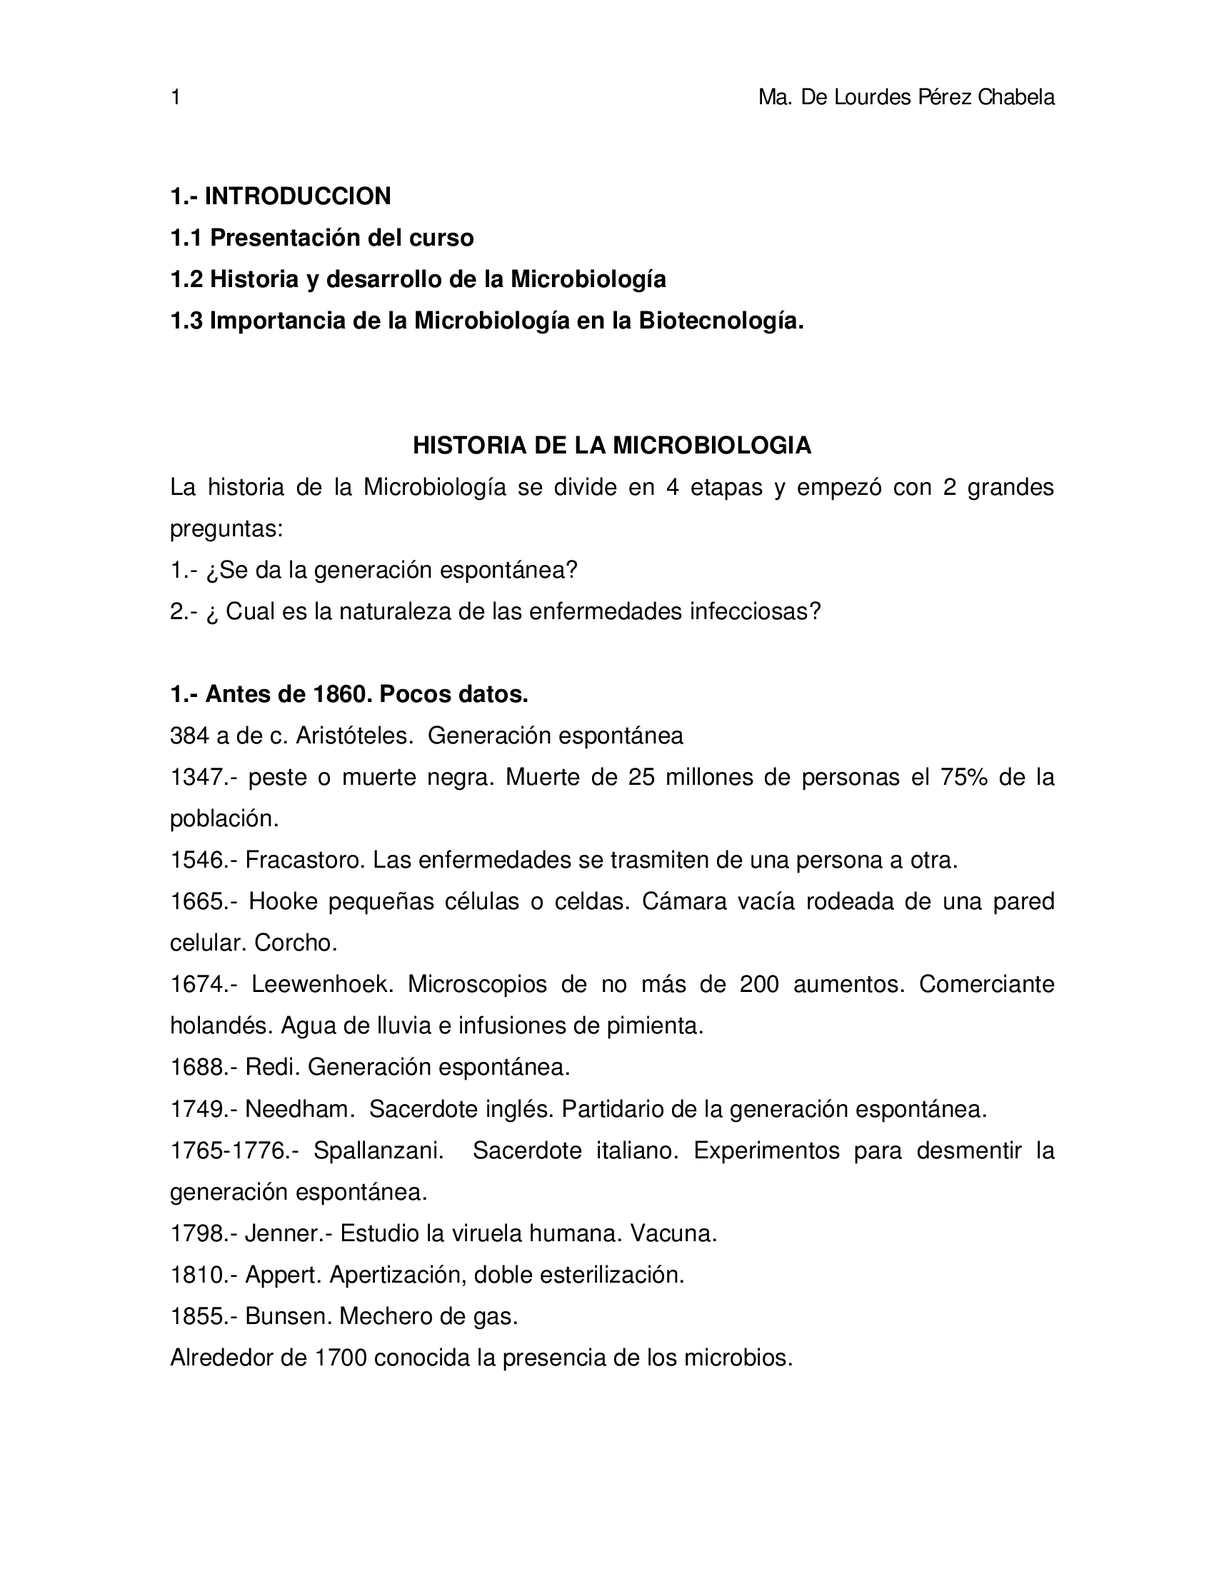 APUNTES DE MICROBIOLOGIA GENERAL